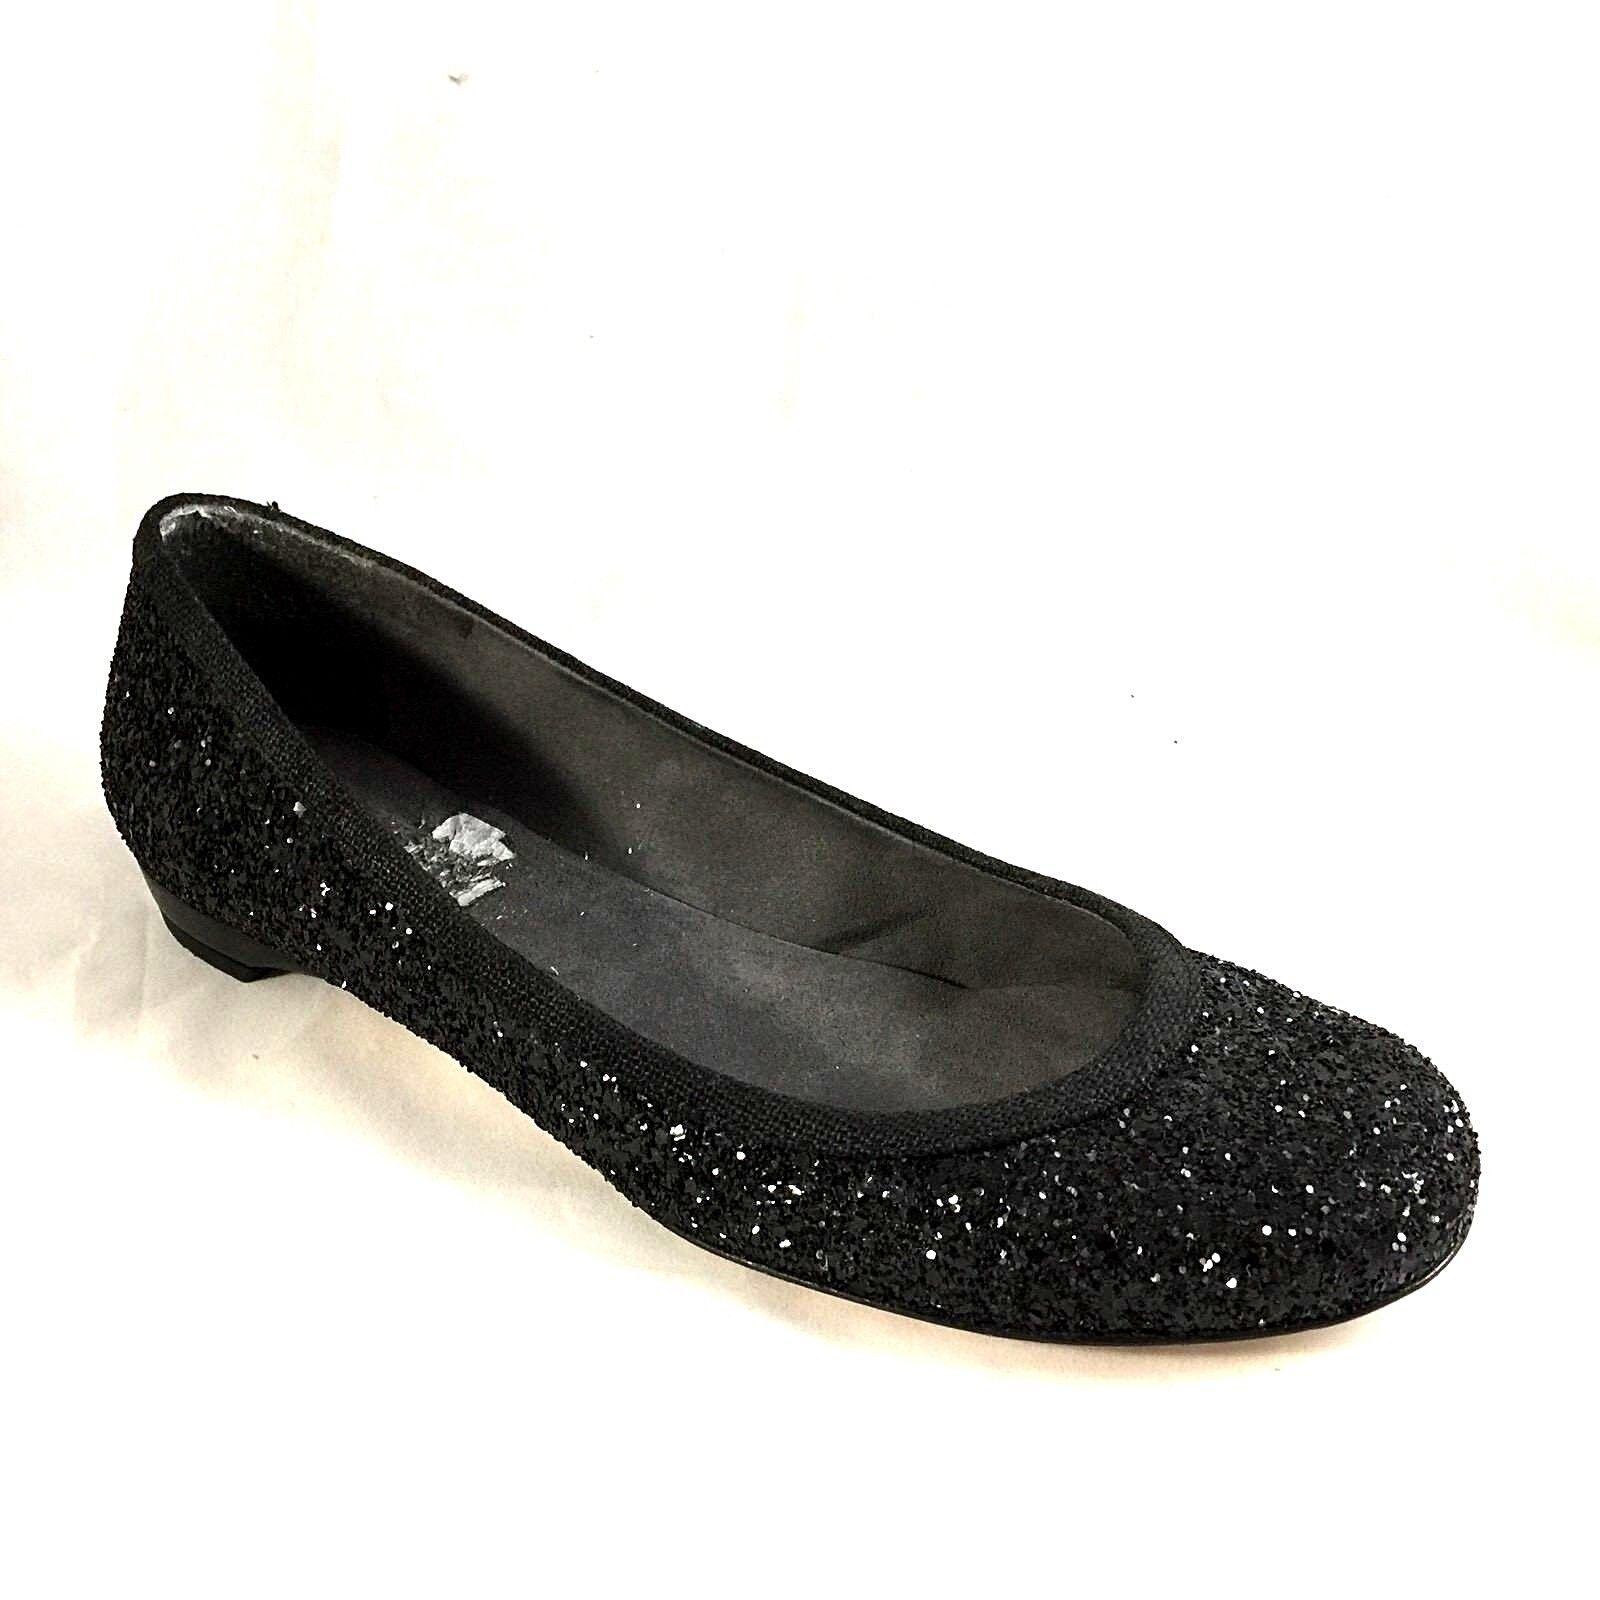 Stuart Weitzman Flora Ballet Zapatos sin Taco Sin Negro Brillante Brillante Brillante Metálica antideslizante en Punta rojoonda 8 M  tienda de pescado para la venta